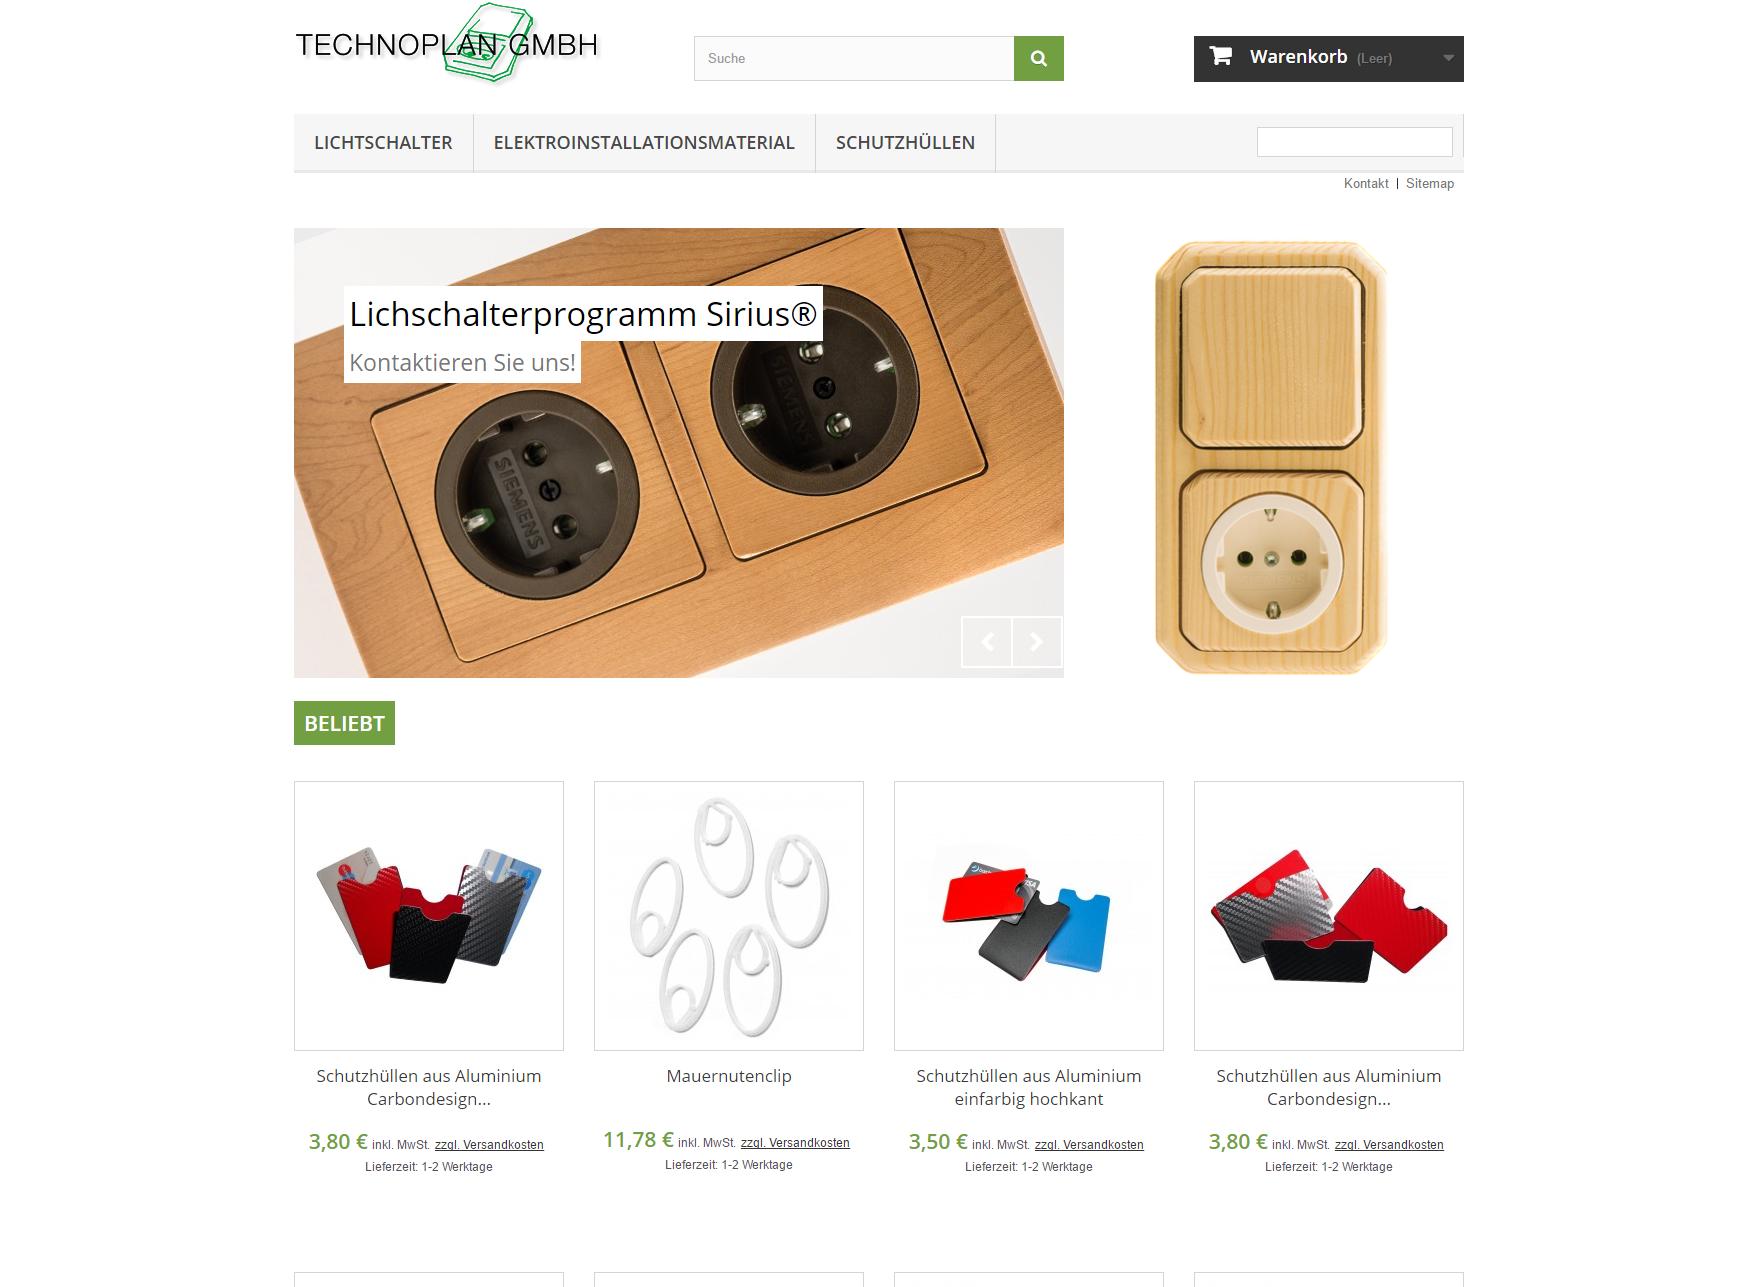 Technoplan GmbH